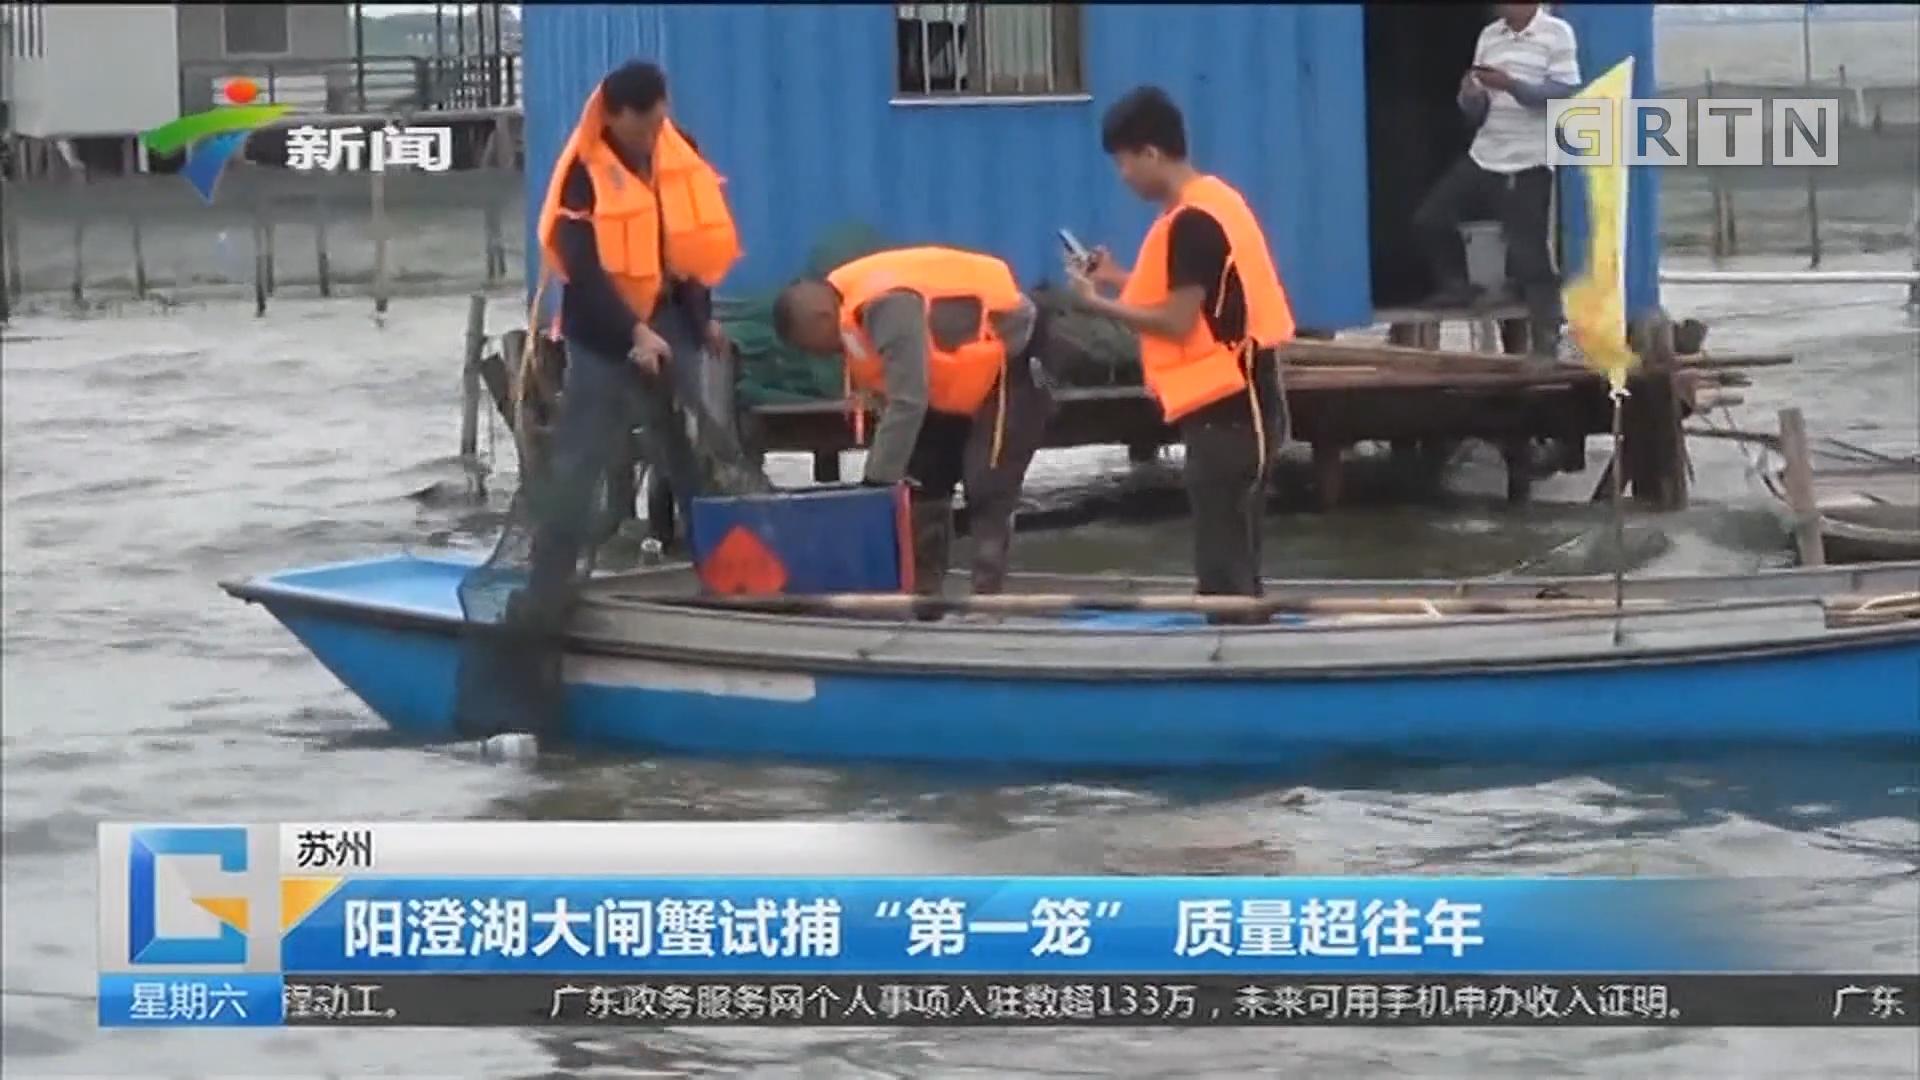 """苏州:阳澄湖大闸蟹试捕""""第一笼"""" 质量超往年"""